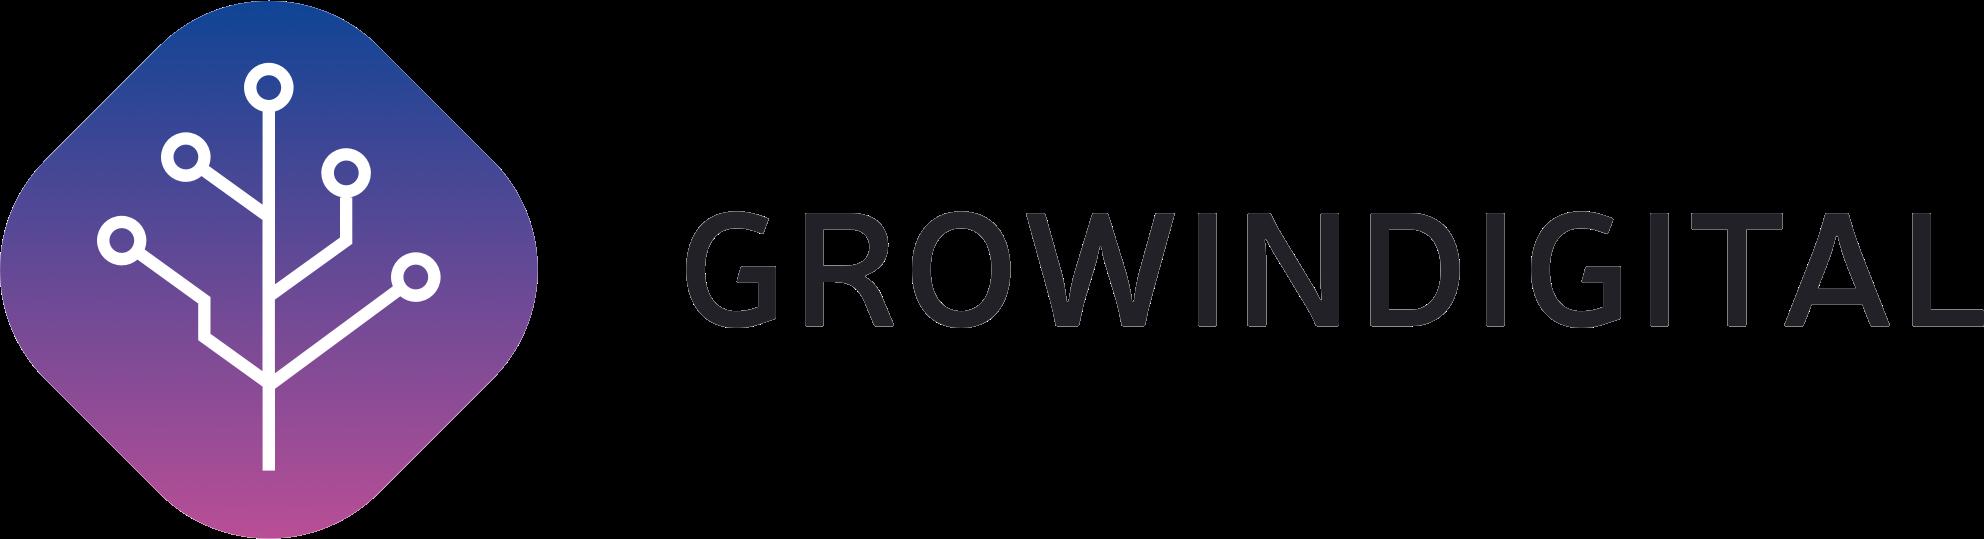 Growindigital